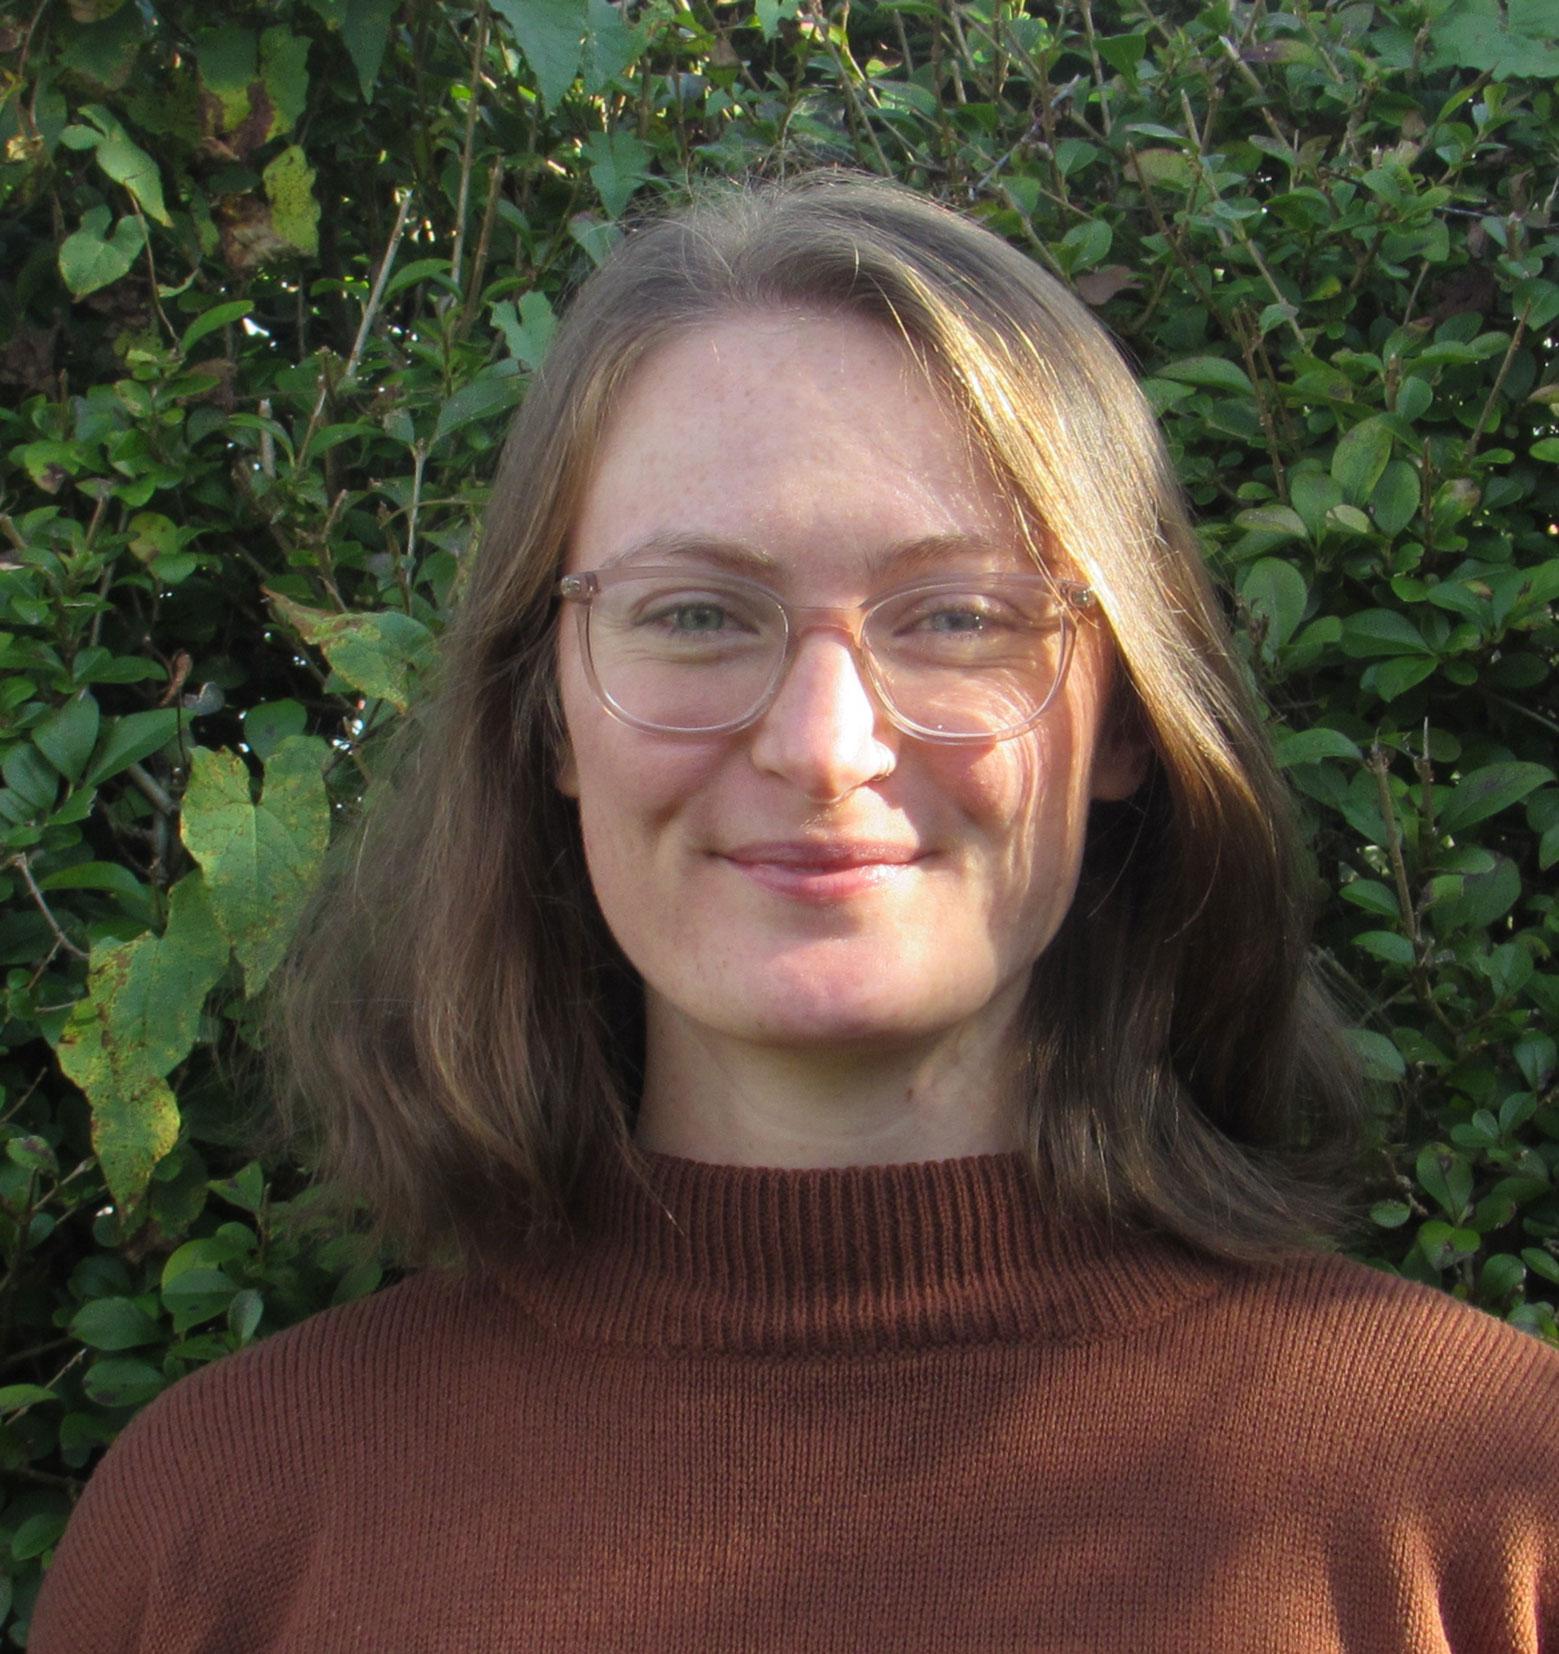 Caitlin Edgell